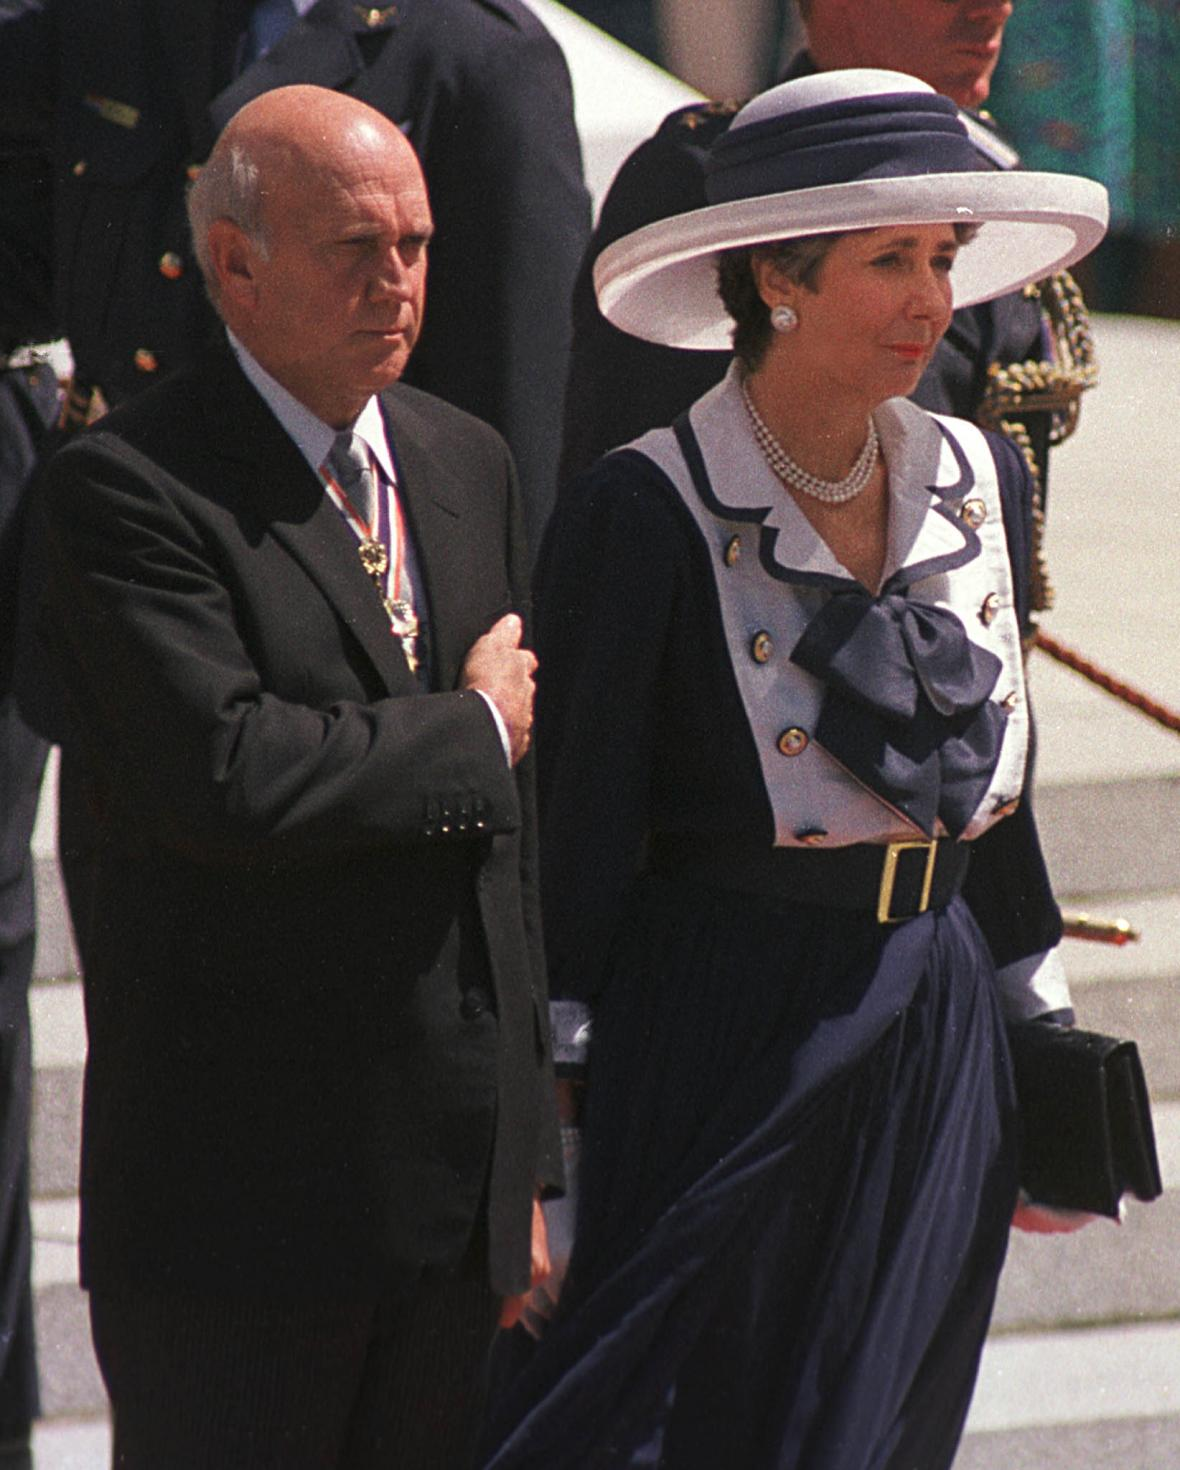 Prezident de Klerk se svojí manželkou Marike v Kapsém městě